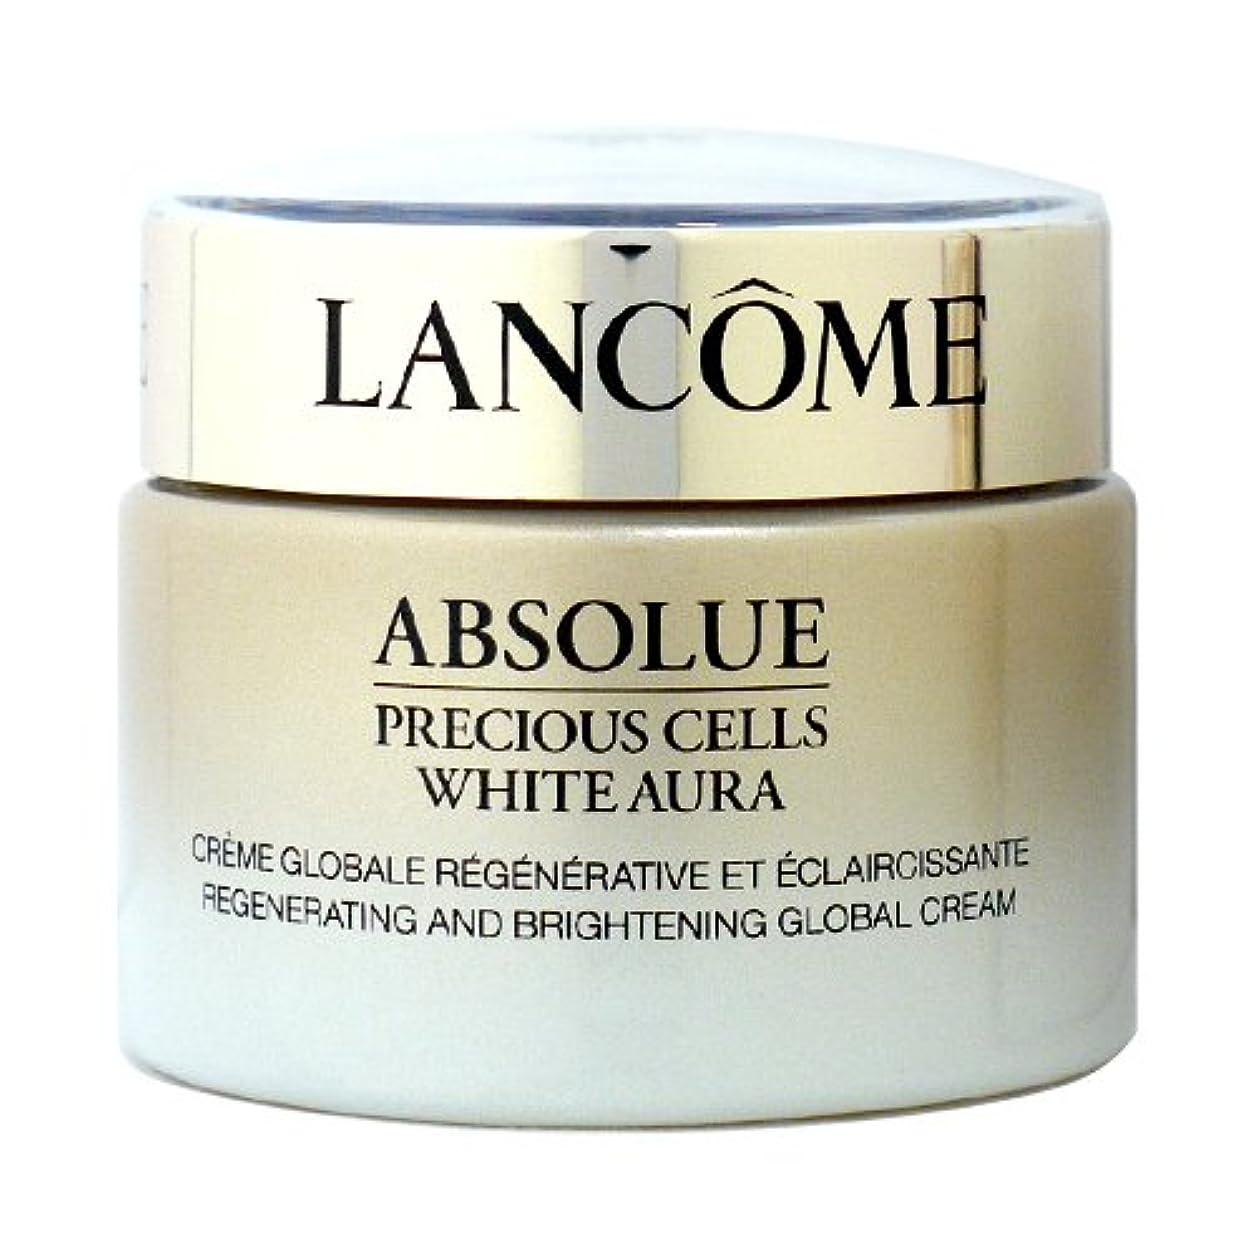 素朴な敵縞模様のランコム アプソリュ プレシャスセル ホワイトオーラ クリーム 50mL 【並行輸入品】